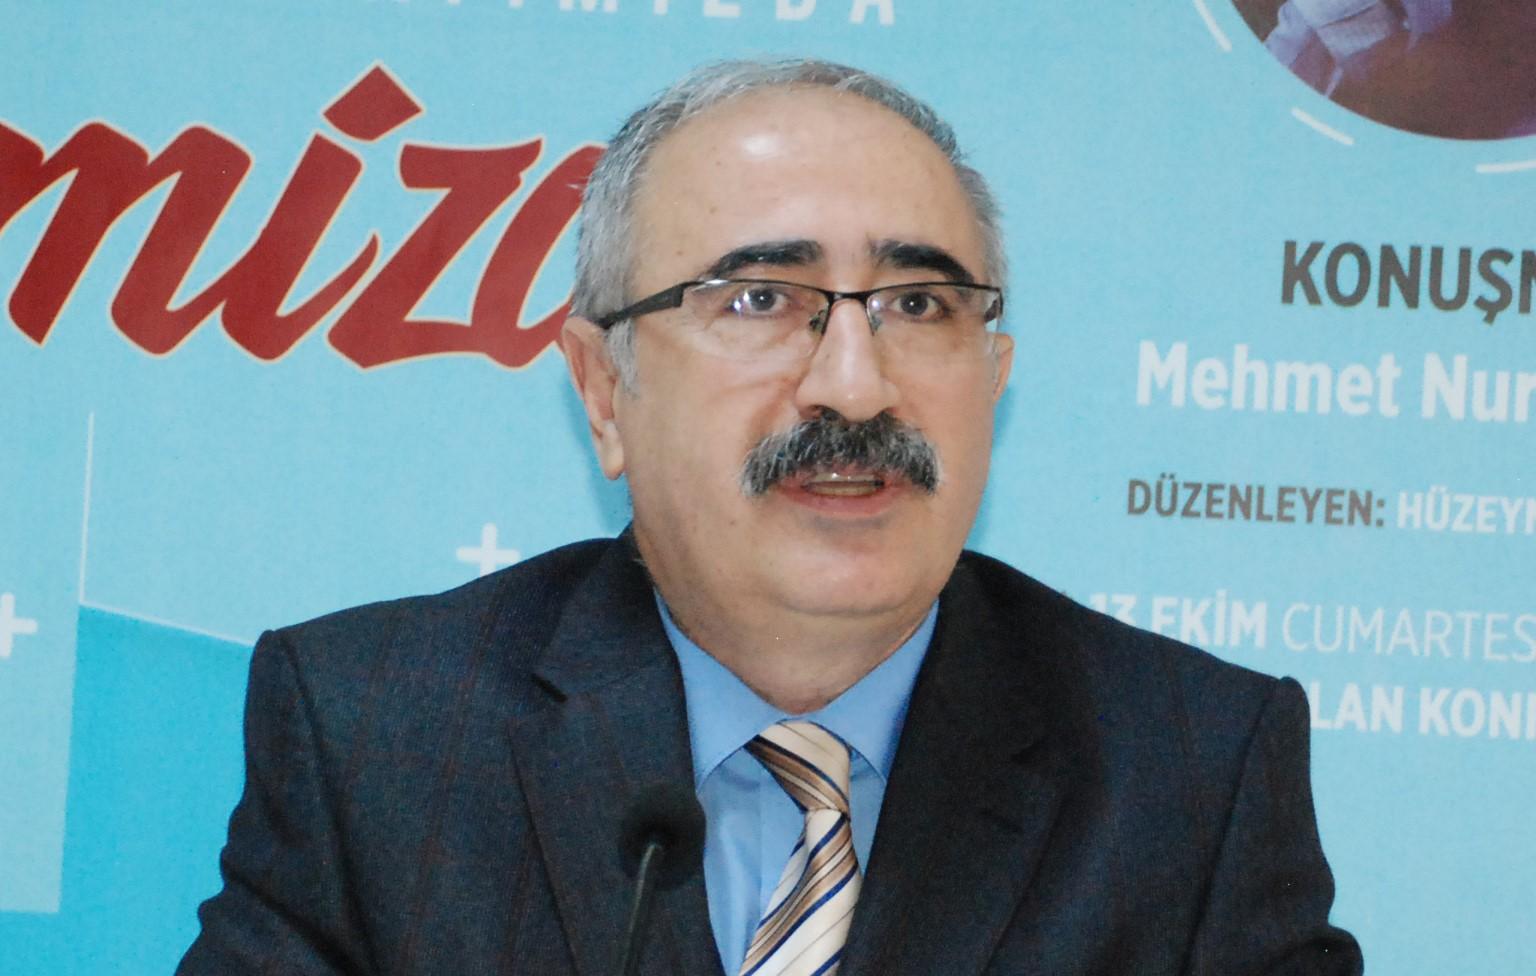 M. Nuri Yardım: Osman Akkuşak amcayı uğurladık